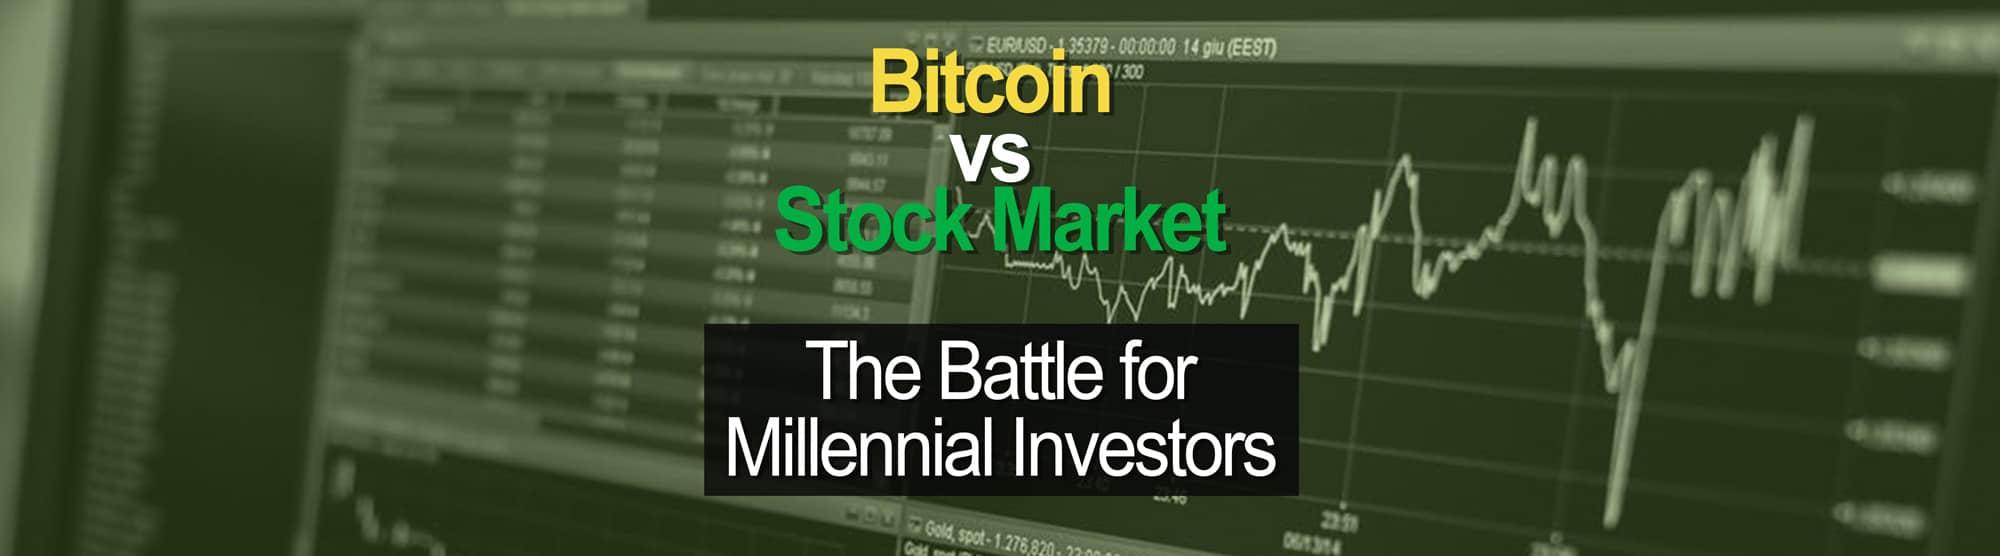 Bitcoin vs the Stock Market